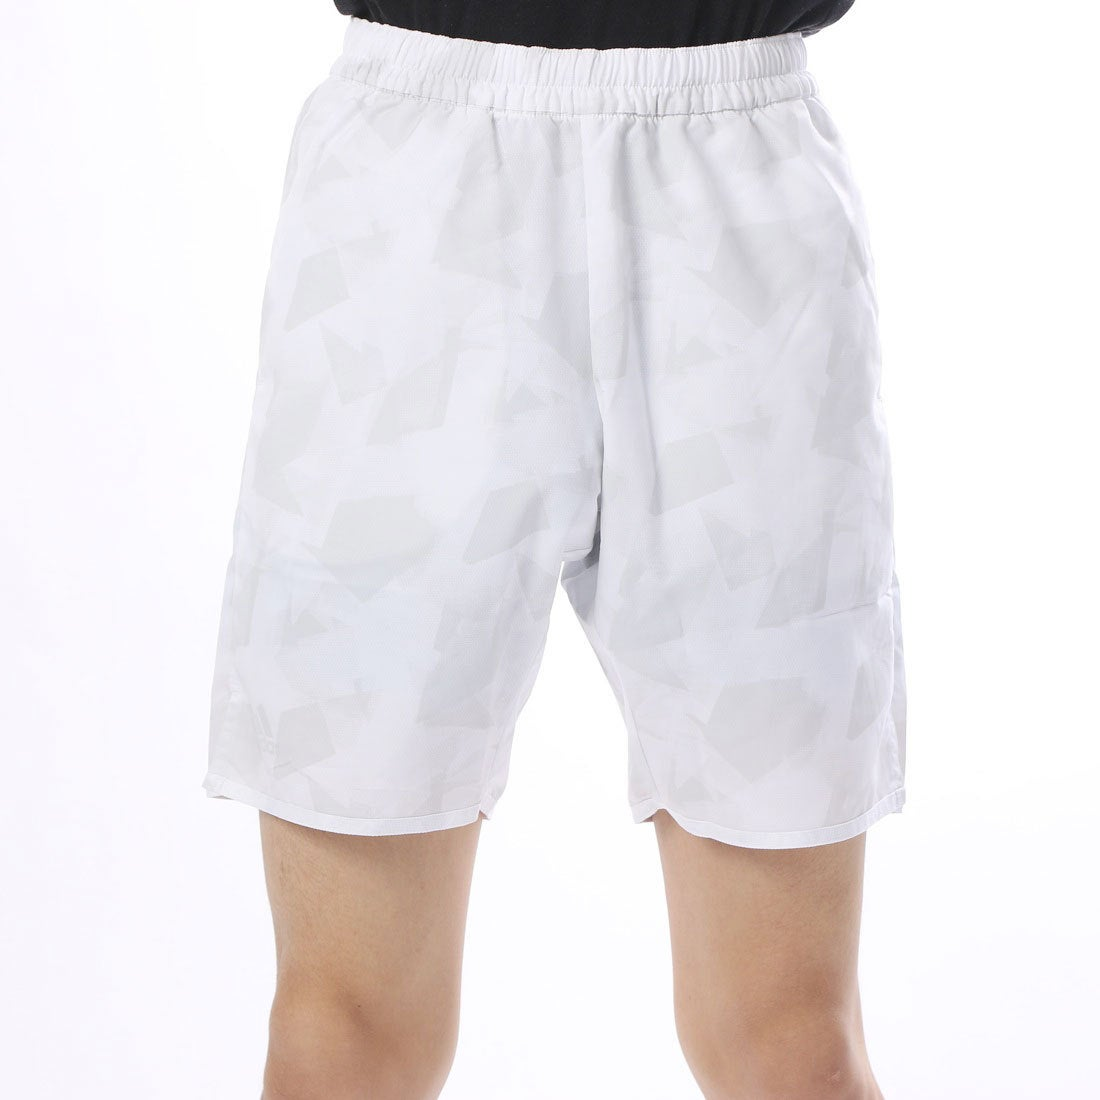 【SALE 30%OFF】アディダス adidas メンズ テニス ハーフパンツ MENS CLUB グラフィックハーフパンツ BS0142